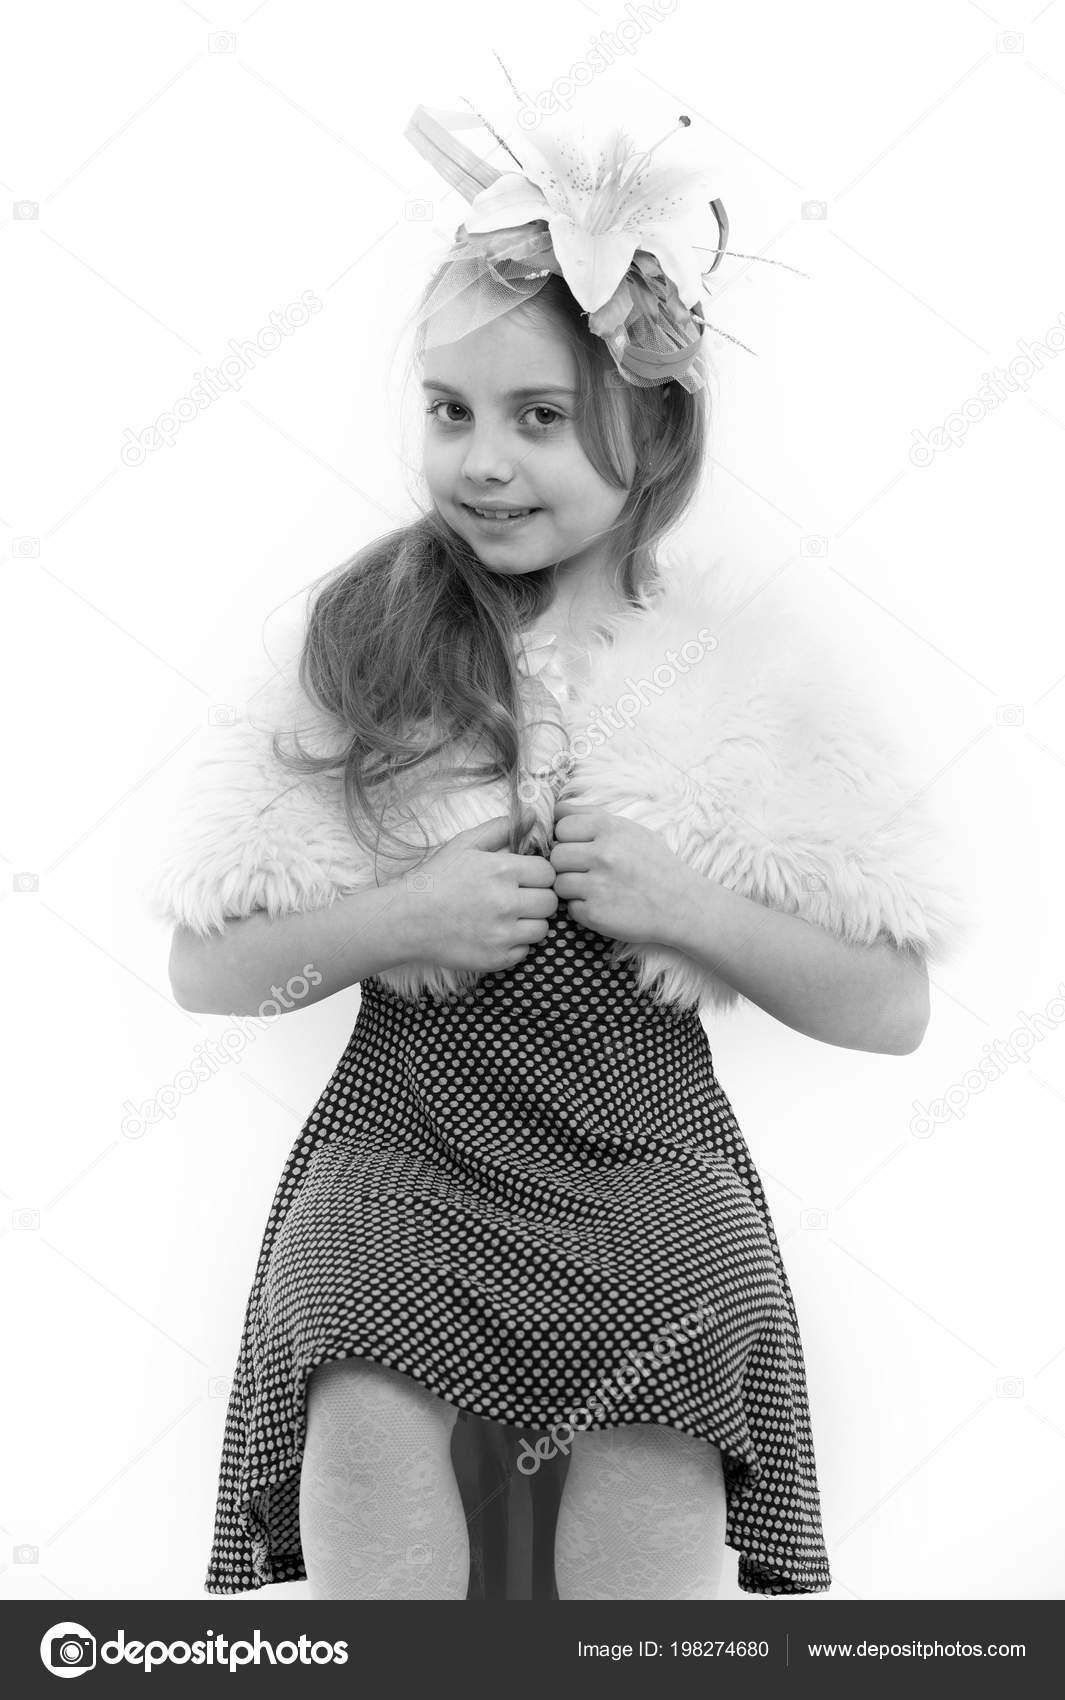 Sorriso della ragazza con il fiore in capelli biondi lunghi. Bambino  indossare abito e mantello di pelliccia. Moda e salone di bellezza. 88ff9680275